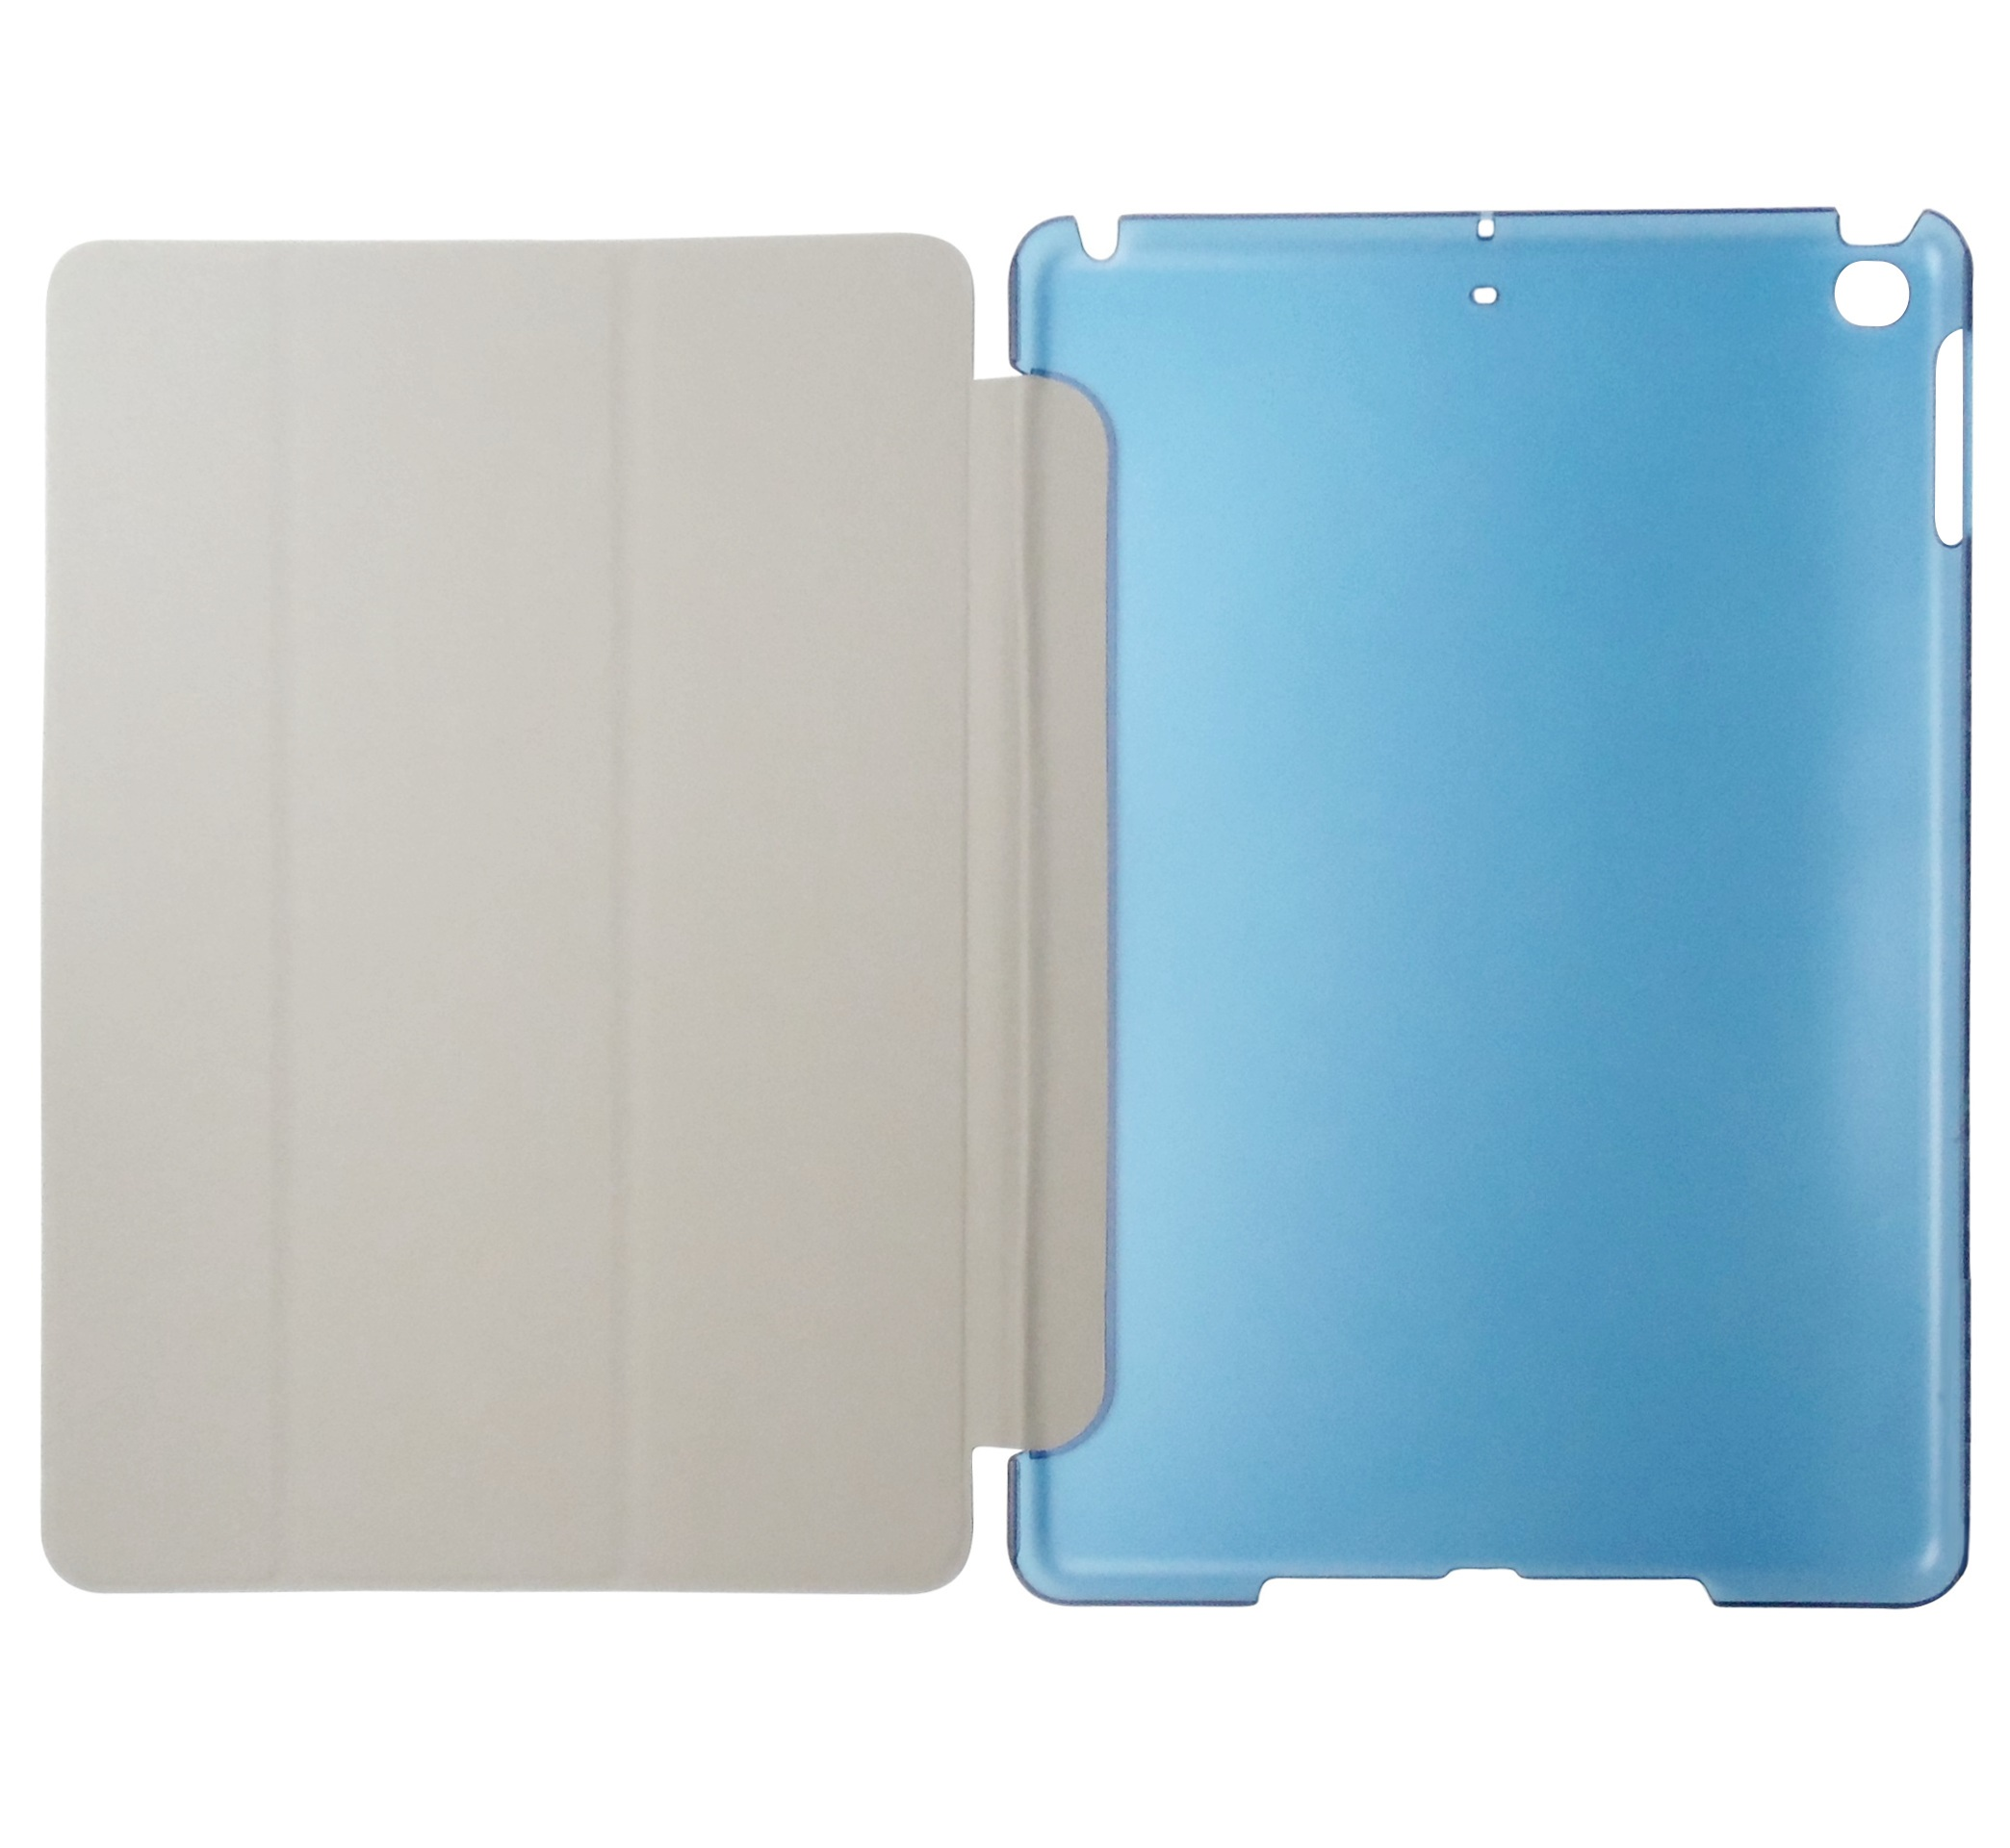 Husa tip carte albastra spate albastru transparent cu stand pentru Apple iPad 9.7 (2017) / iPad 9.7 (2018)